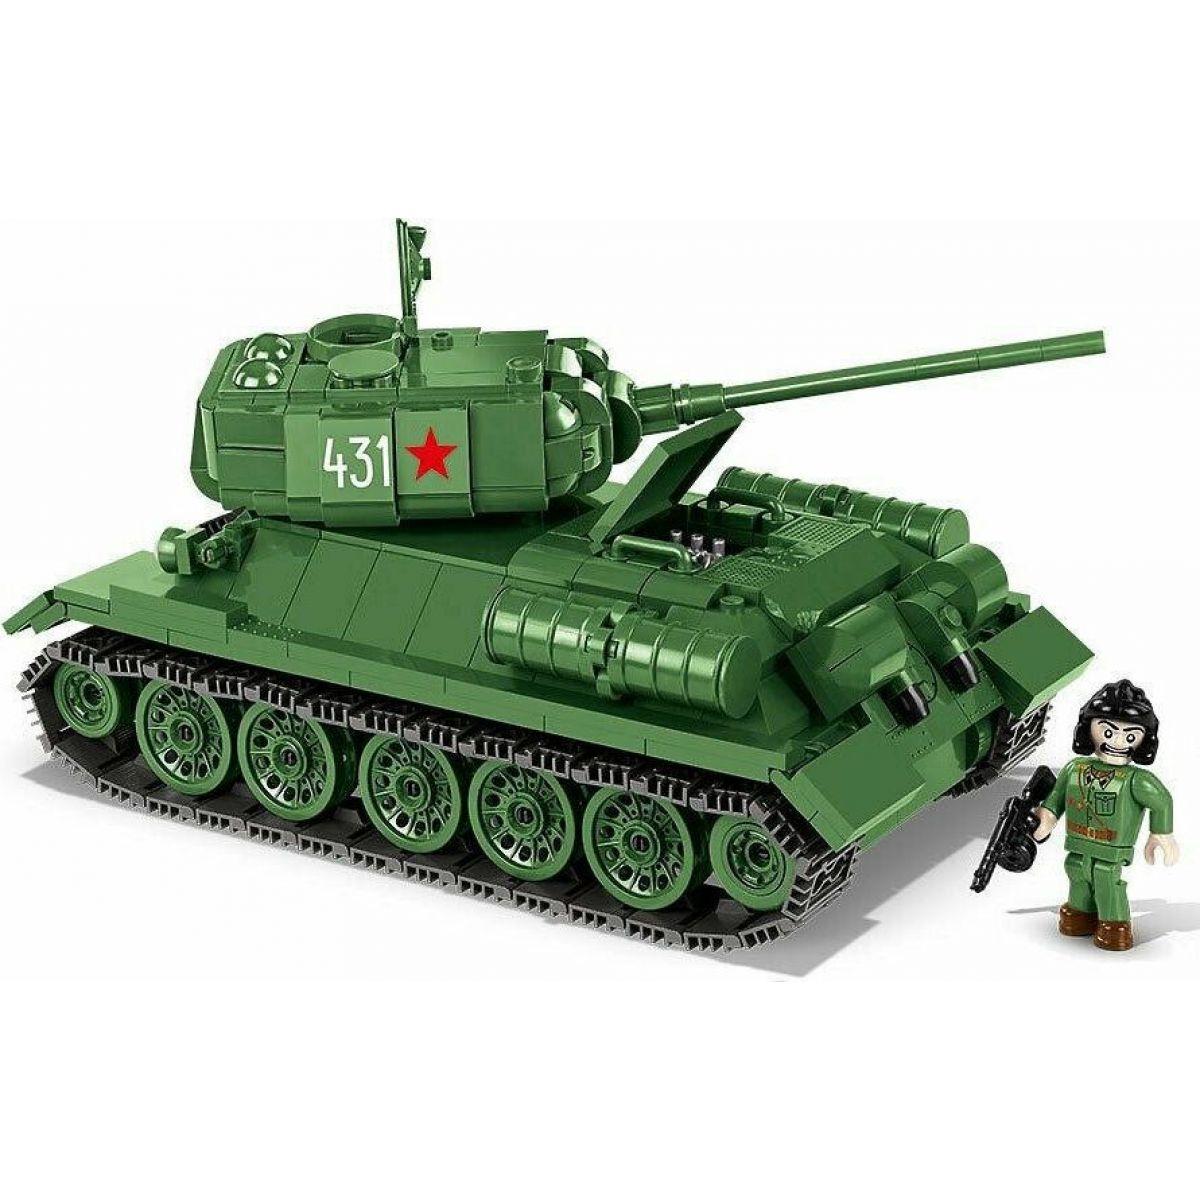 COBI 2476 SMALL ARMY – II WW Tank T-34-85 m 1944